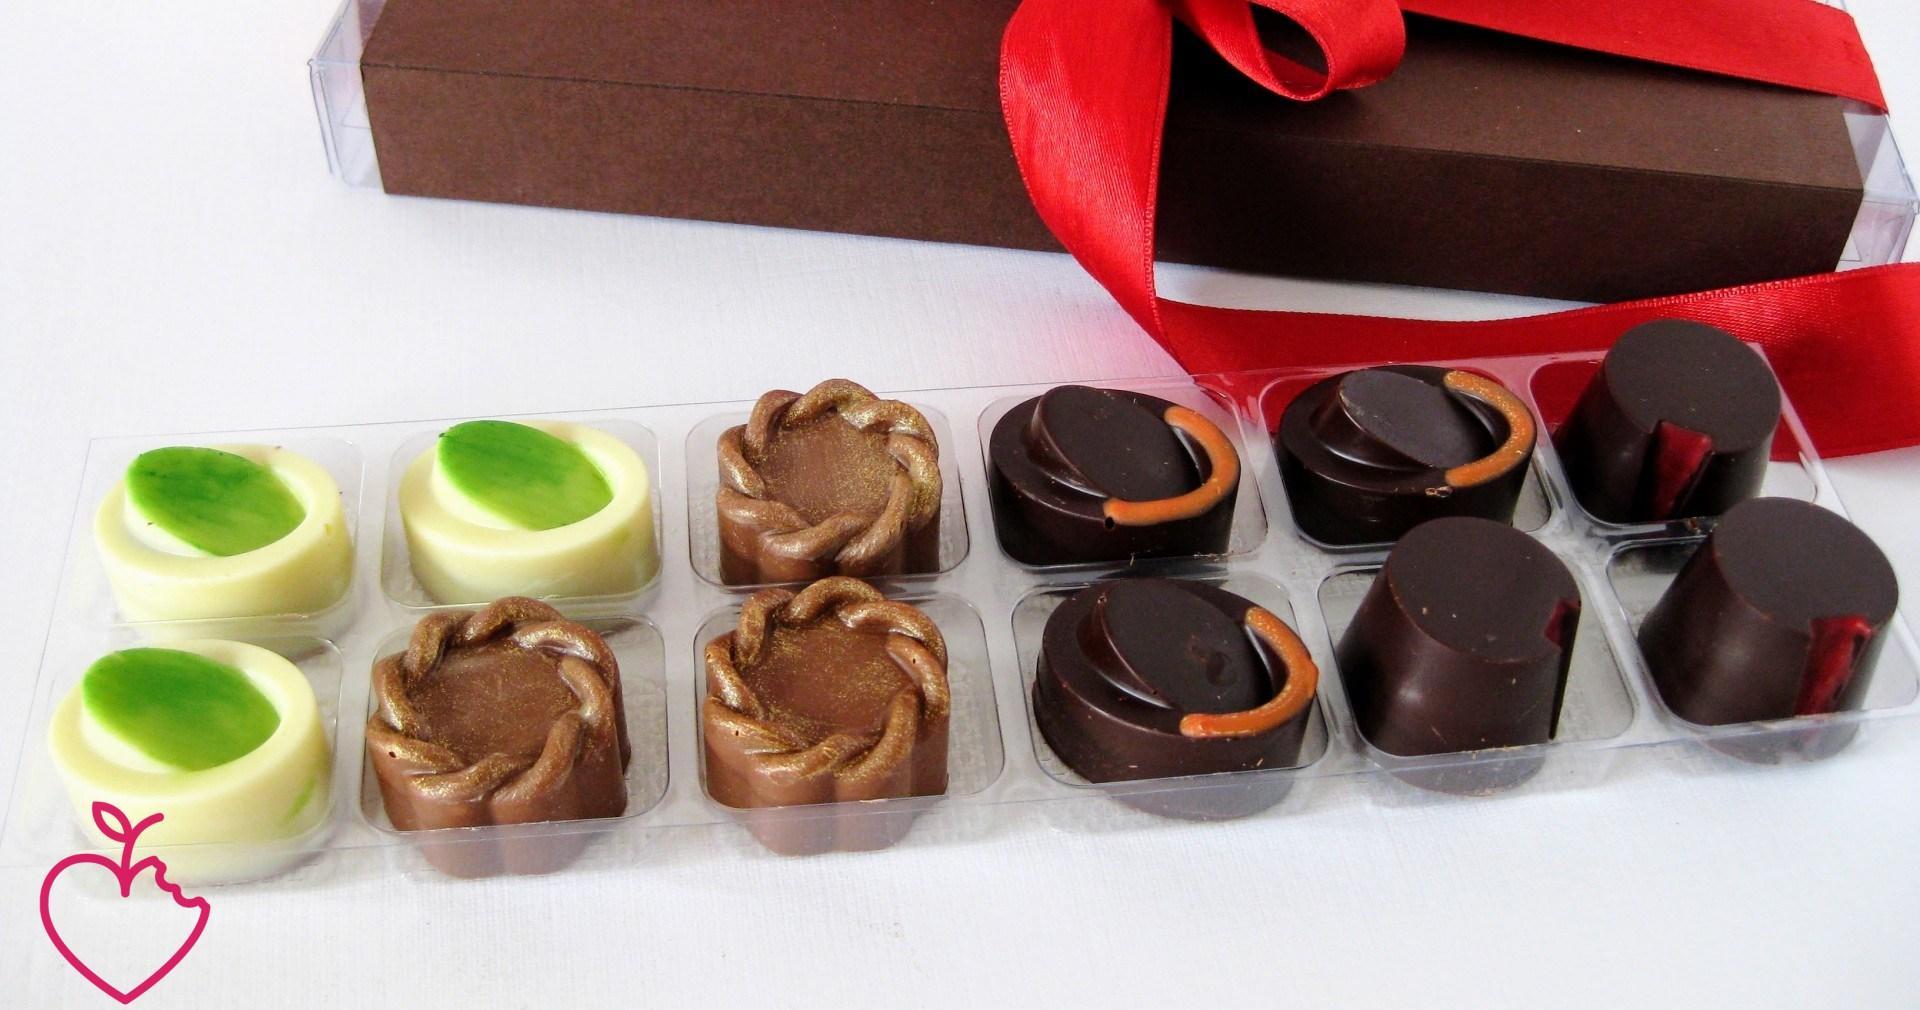 Cioccolatini ai 4 cioccolati ripieni per Natale